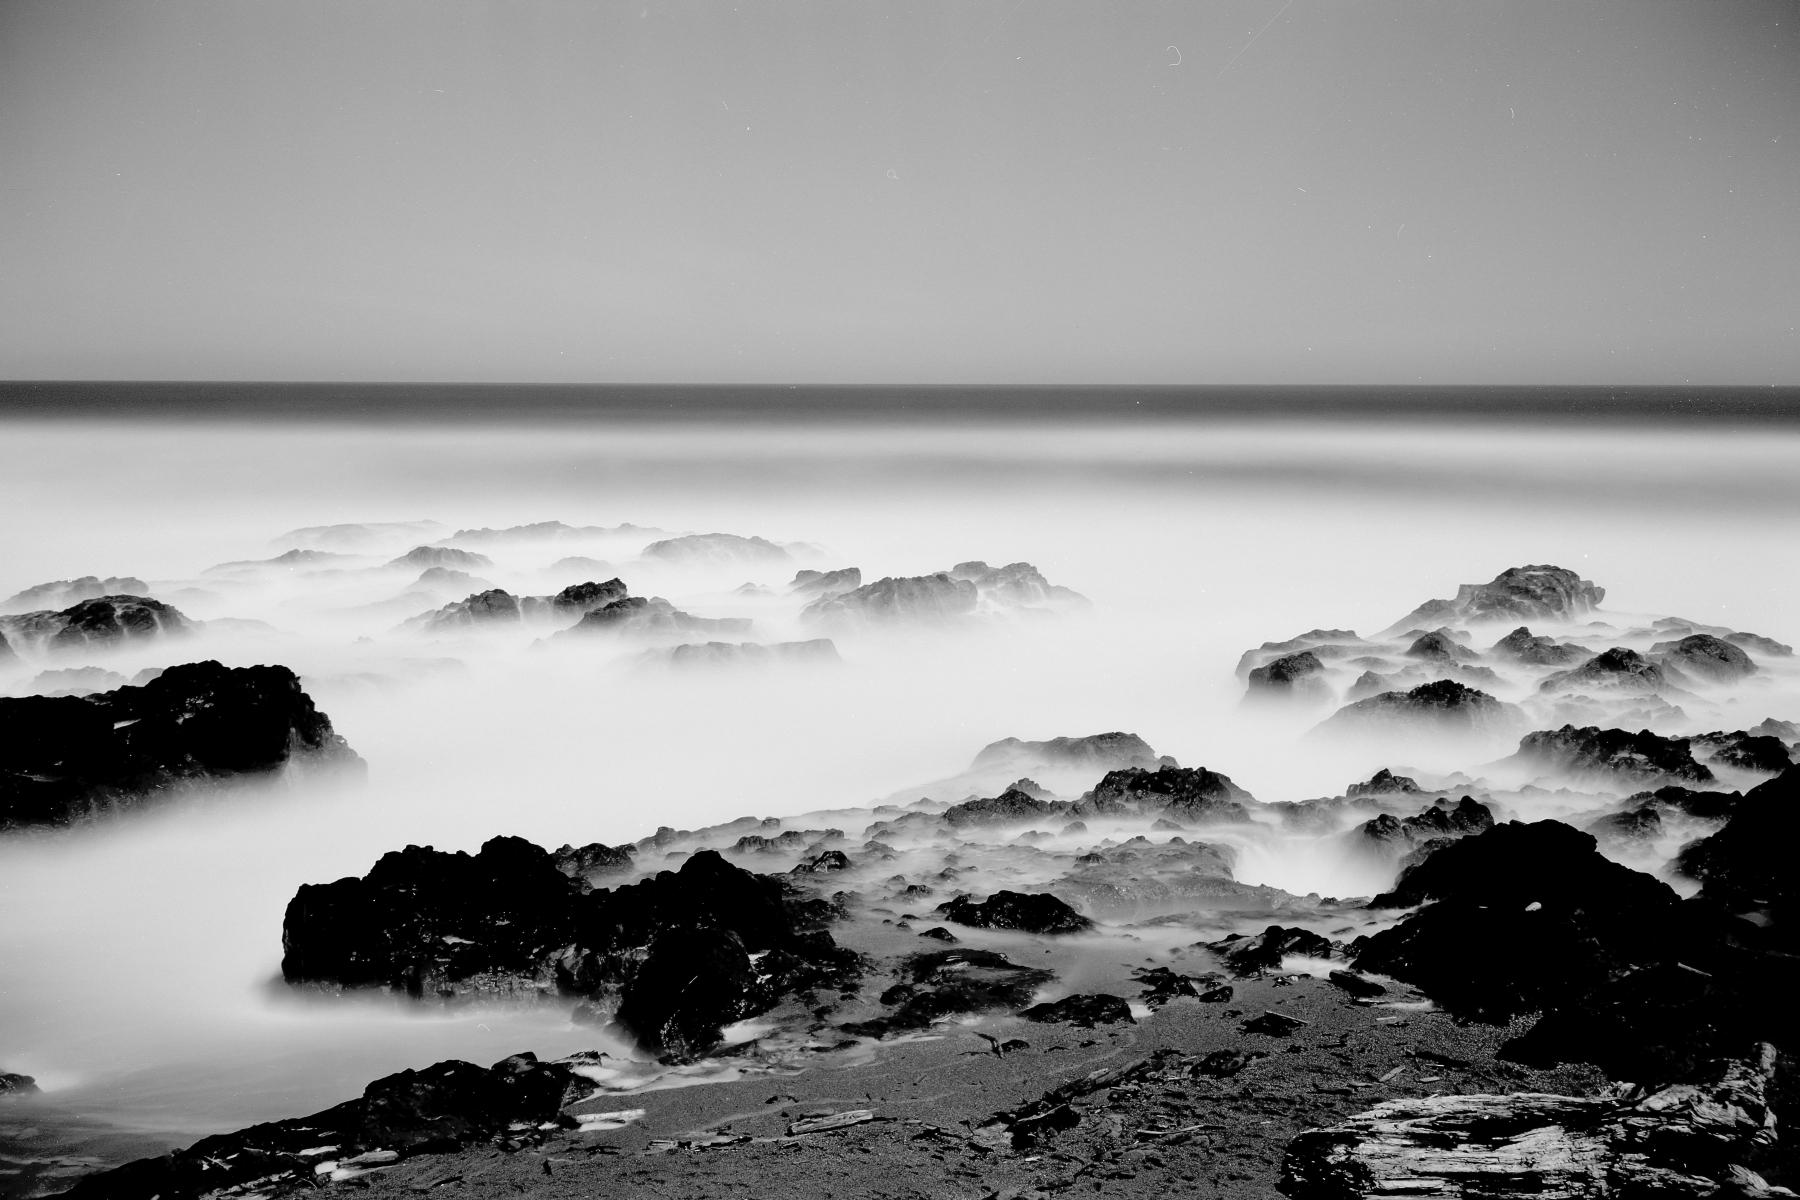 HW Kateley | Misty Surf | Fuji gw690 | Acros 100